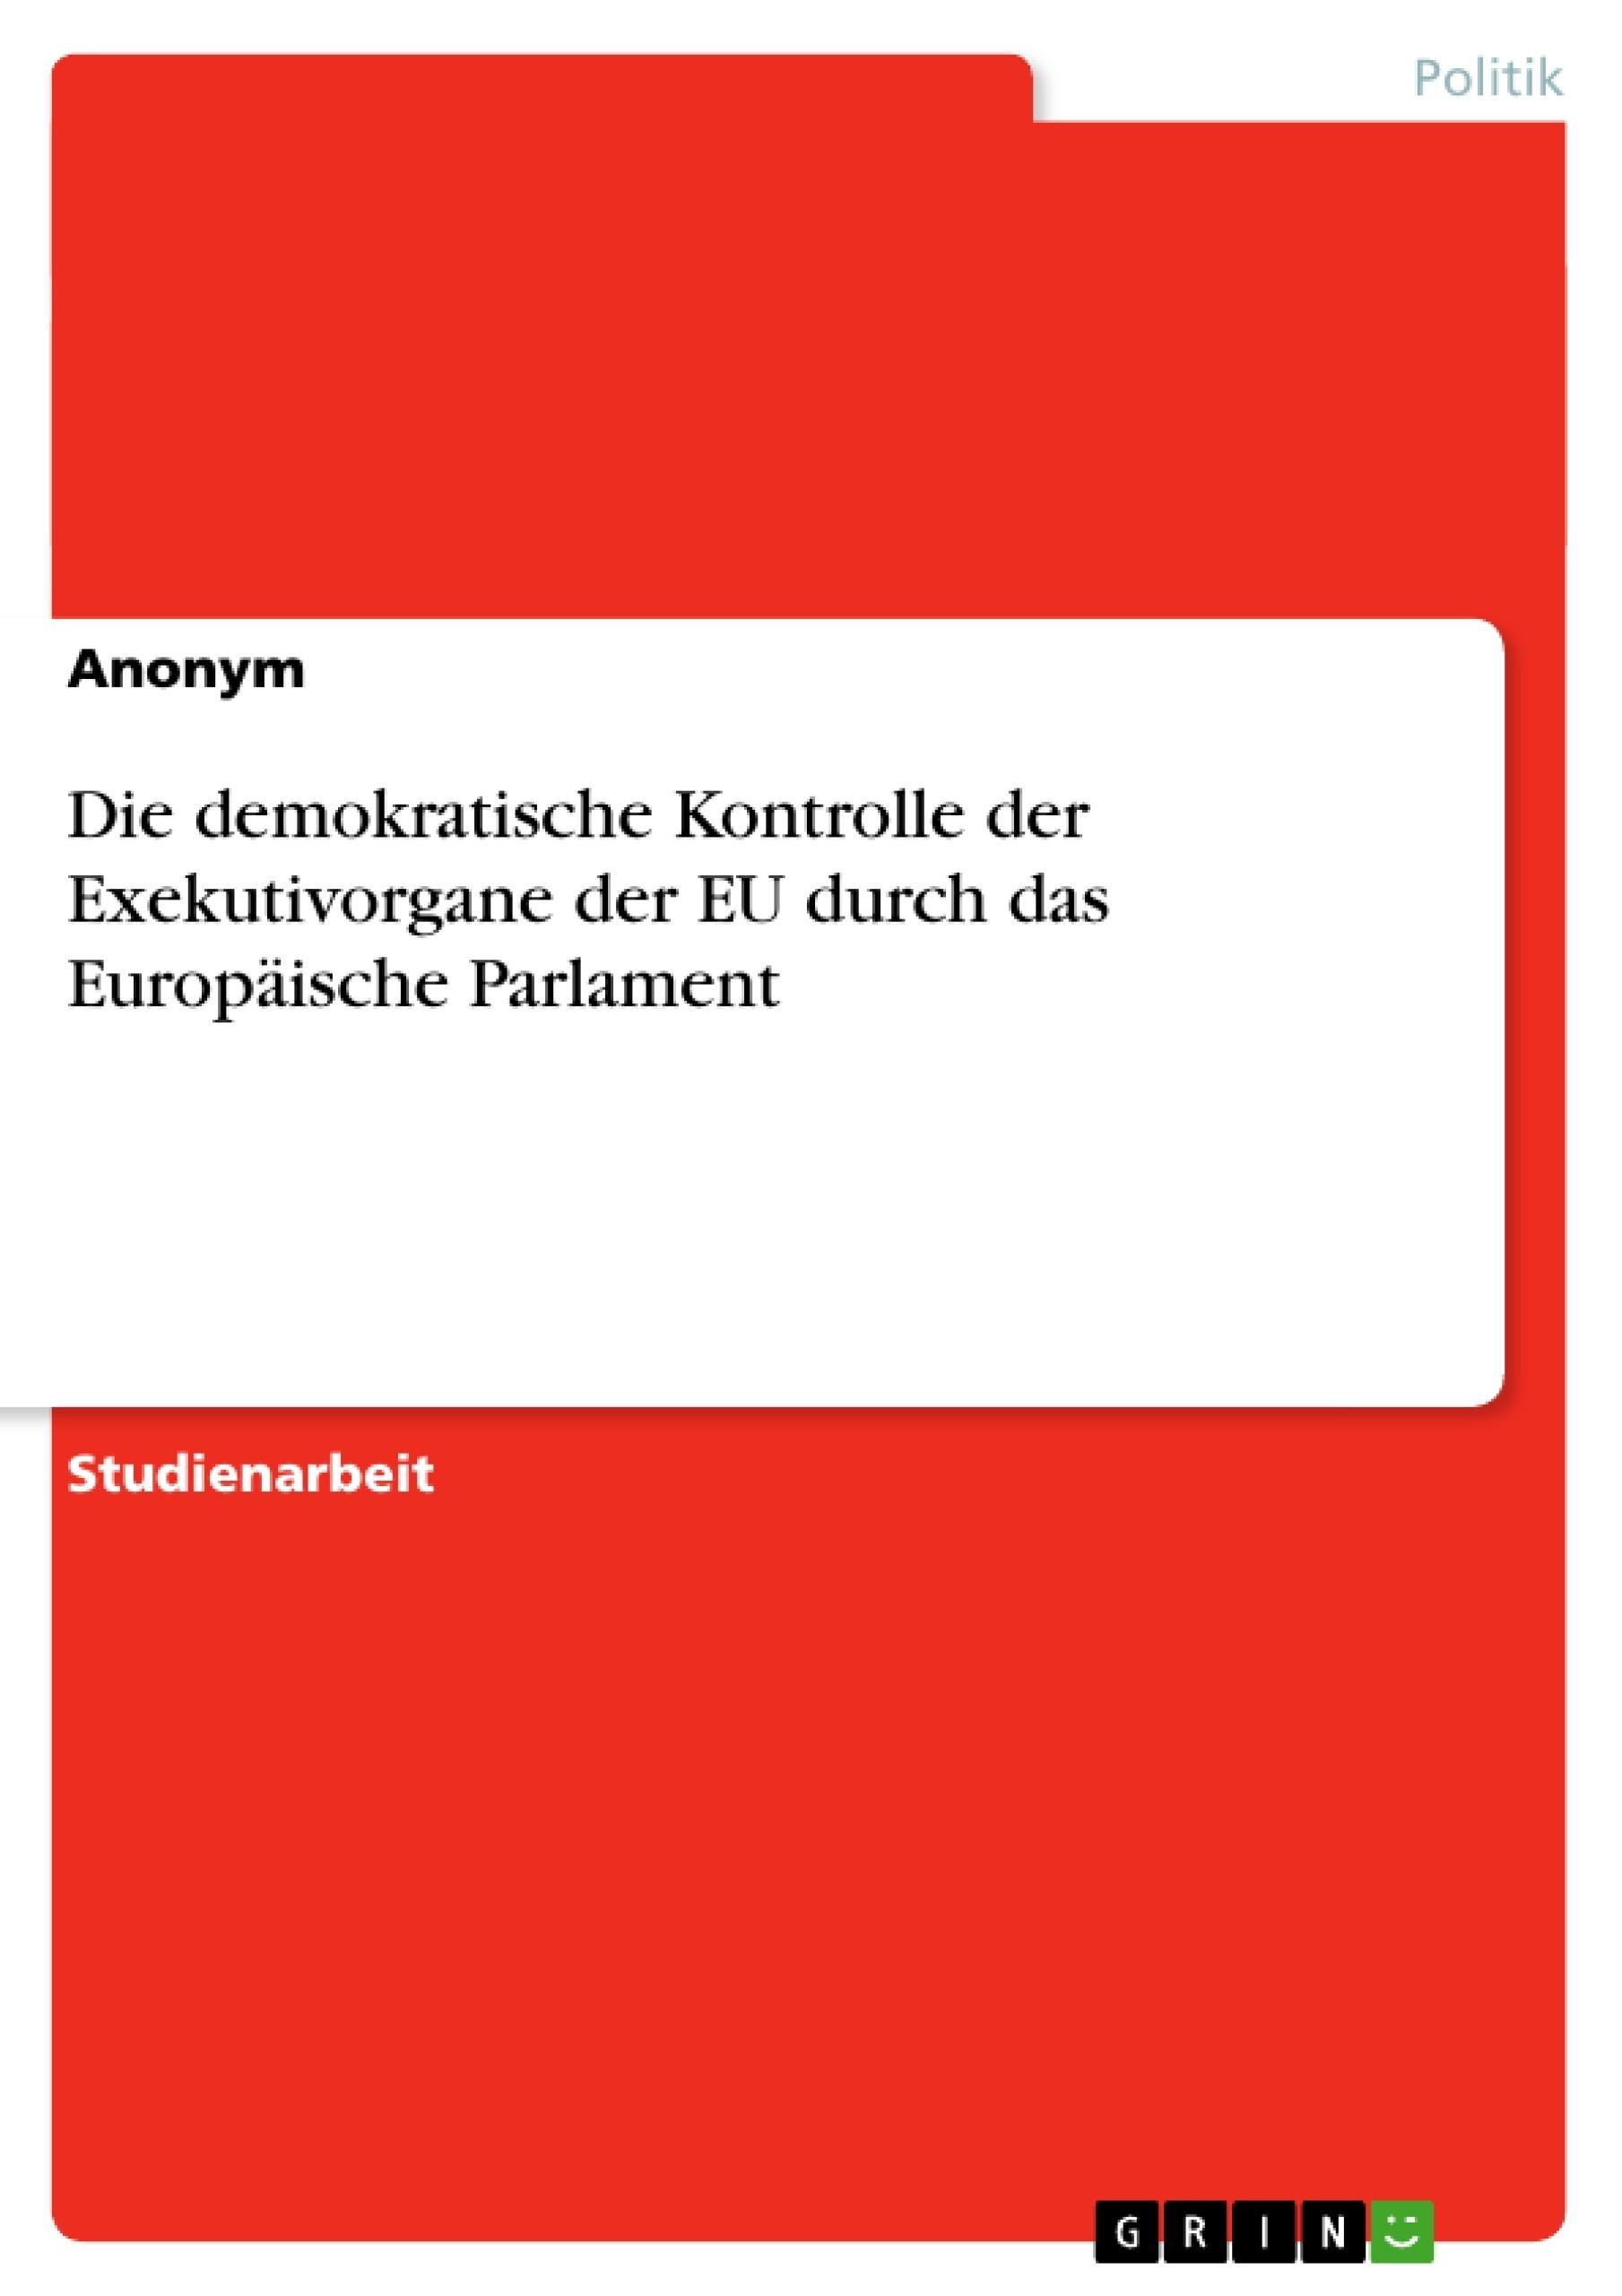 Titel: Die demokratische Kontrolle der Exekutivorgane der EU durch das Europäische Parlament